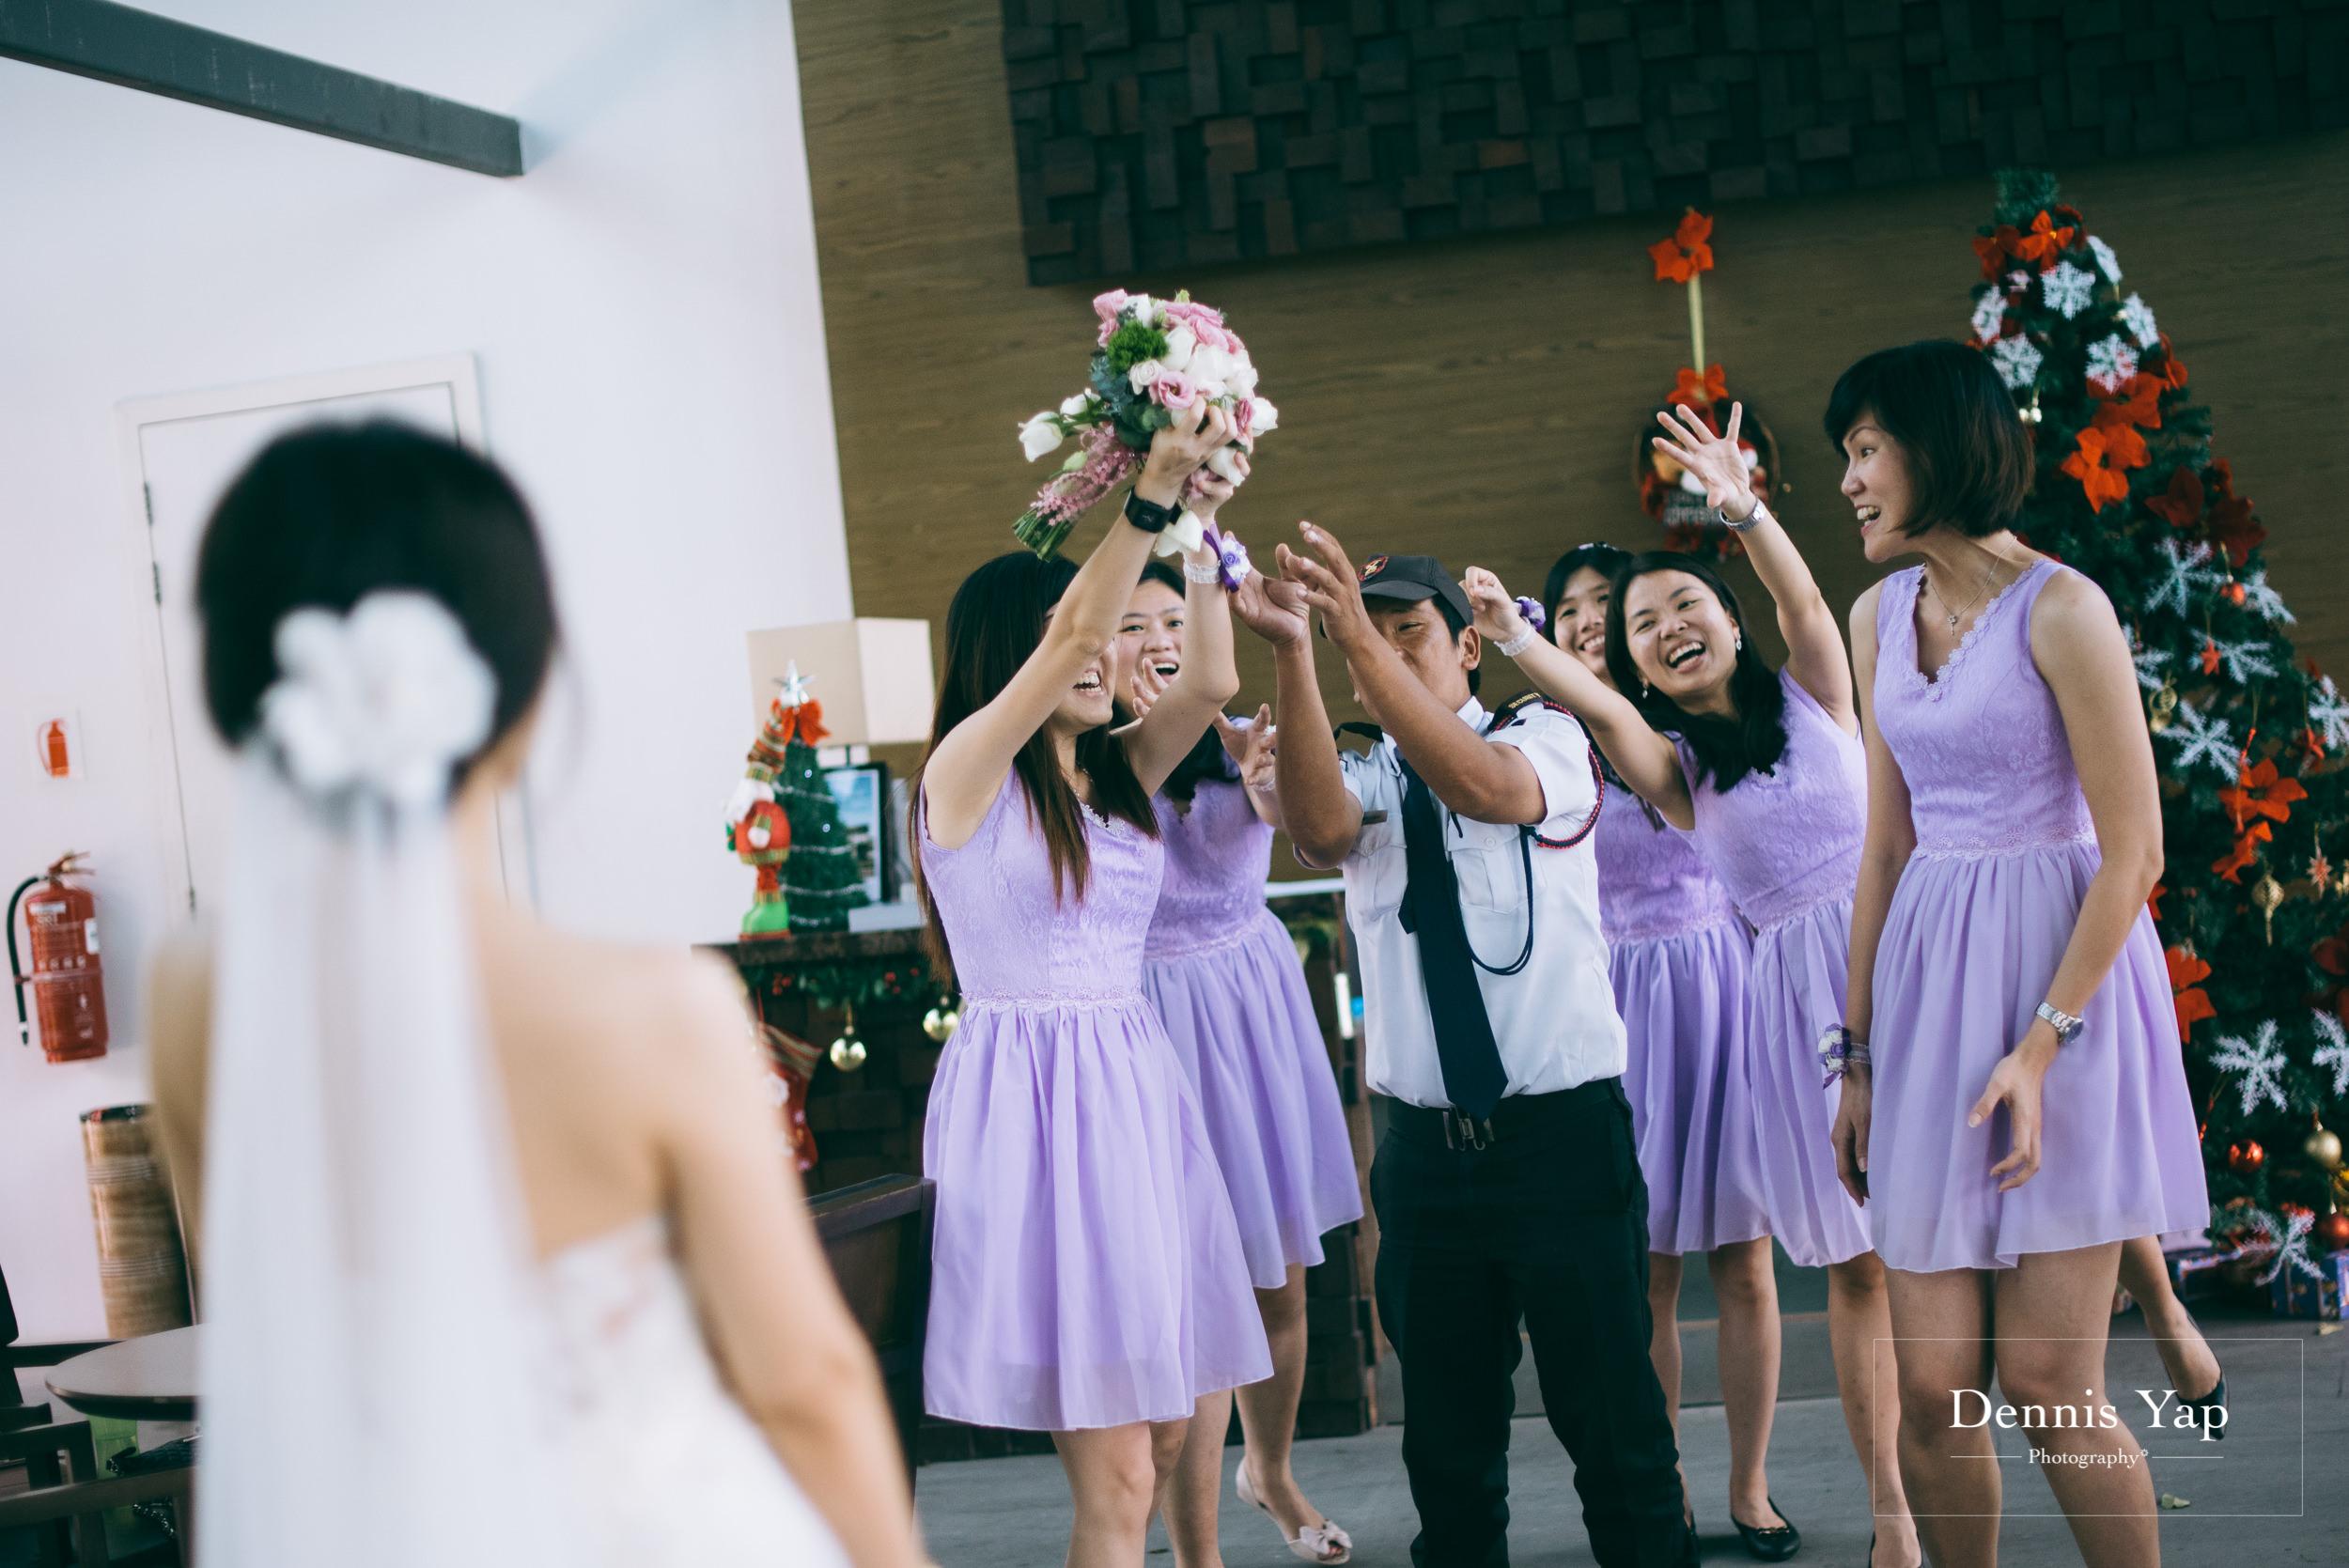 hwa sean jing yee wedding day dennis yap photography-79.jpg